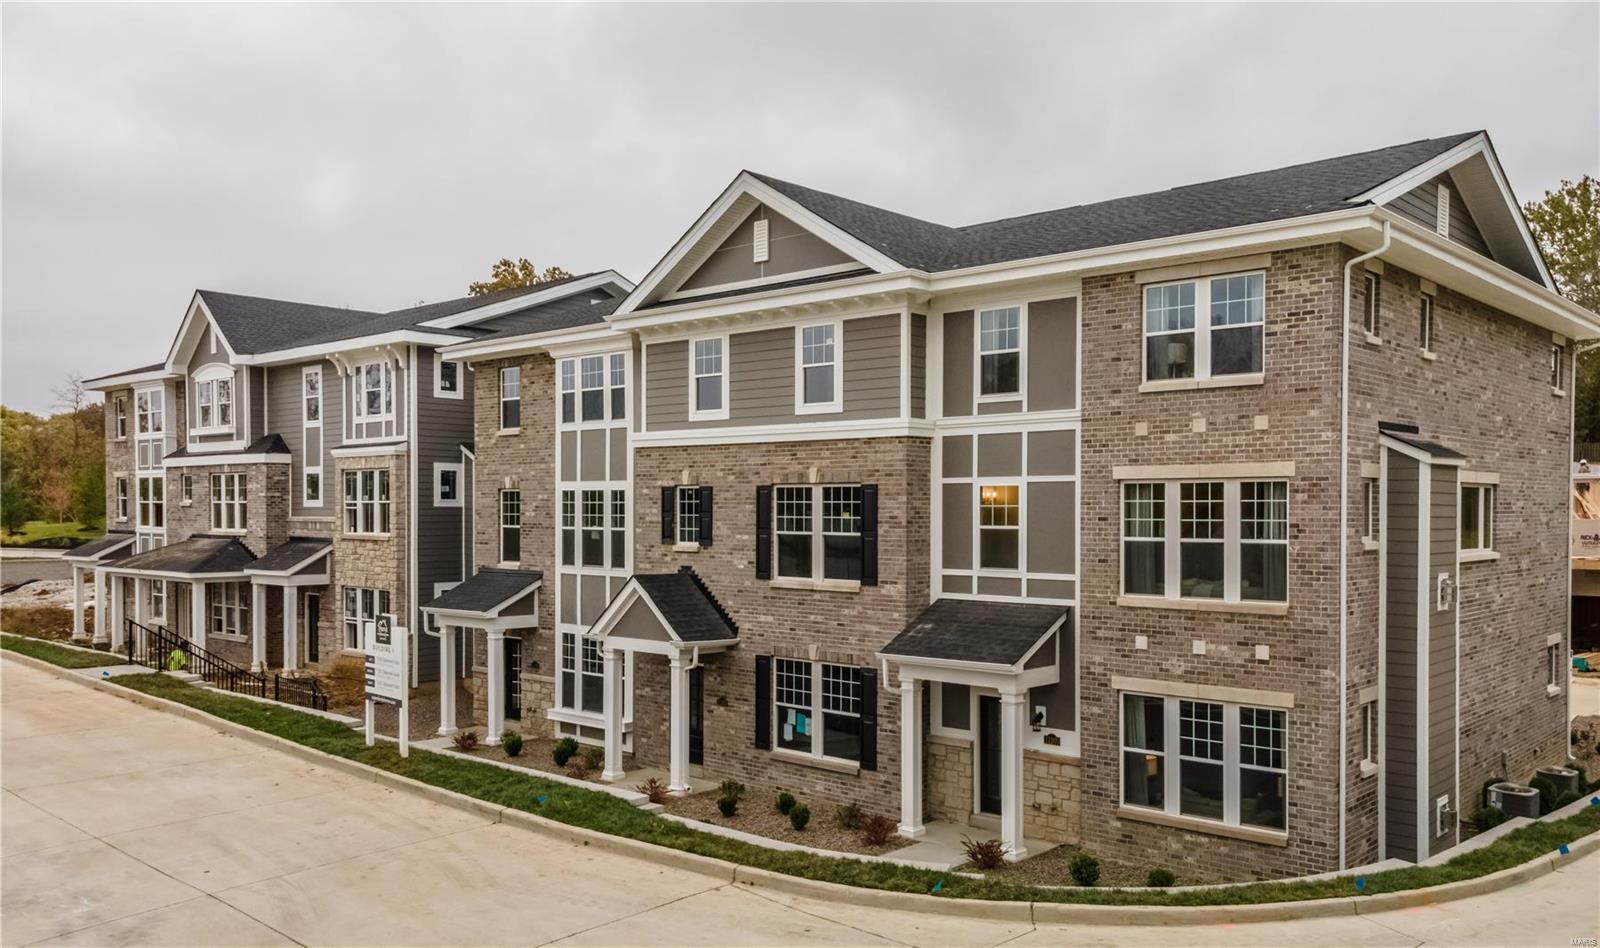 11263 Talamore Circle #11 Property Photo - Frontenac, MO real estate listing